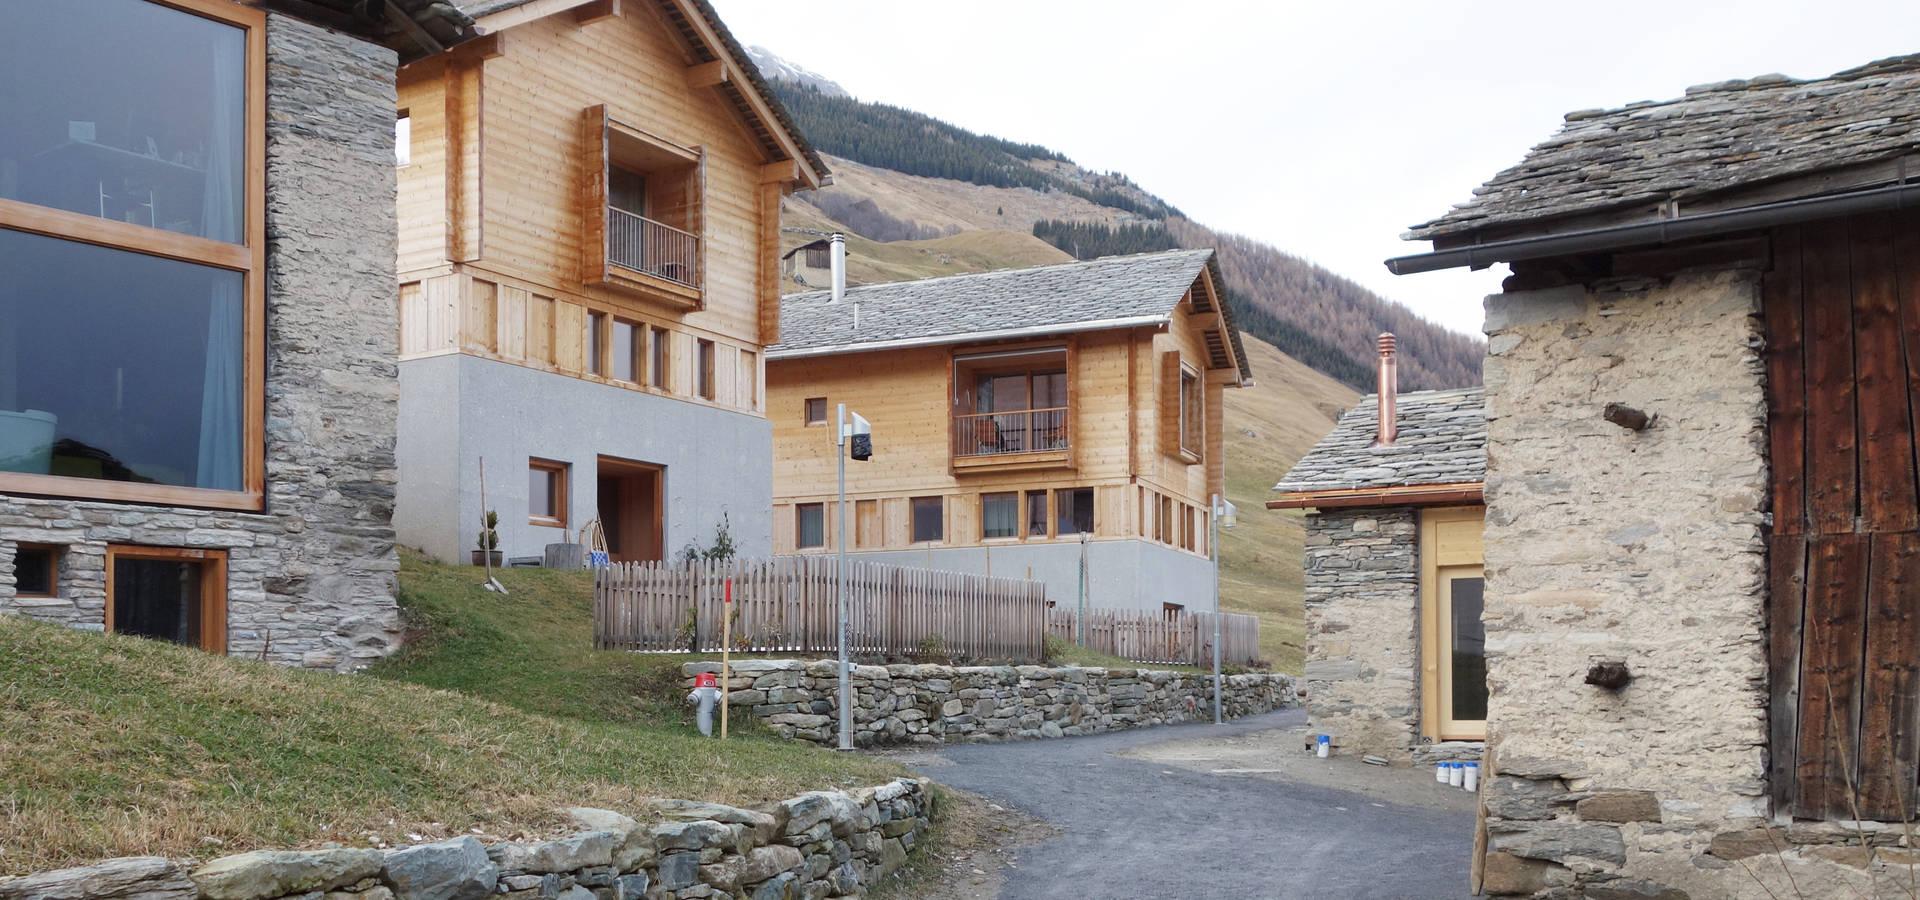 Zwei Häuser in Leis -Vals, CH von Simona Pribeagu Schmid, dipl ...